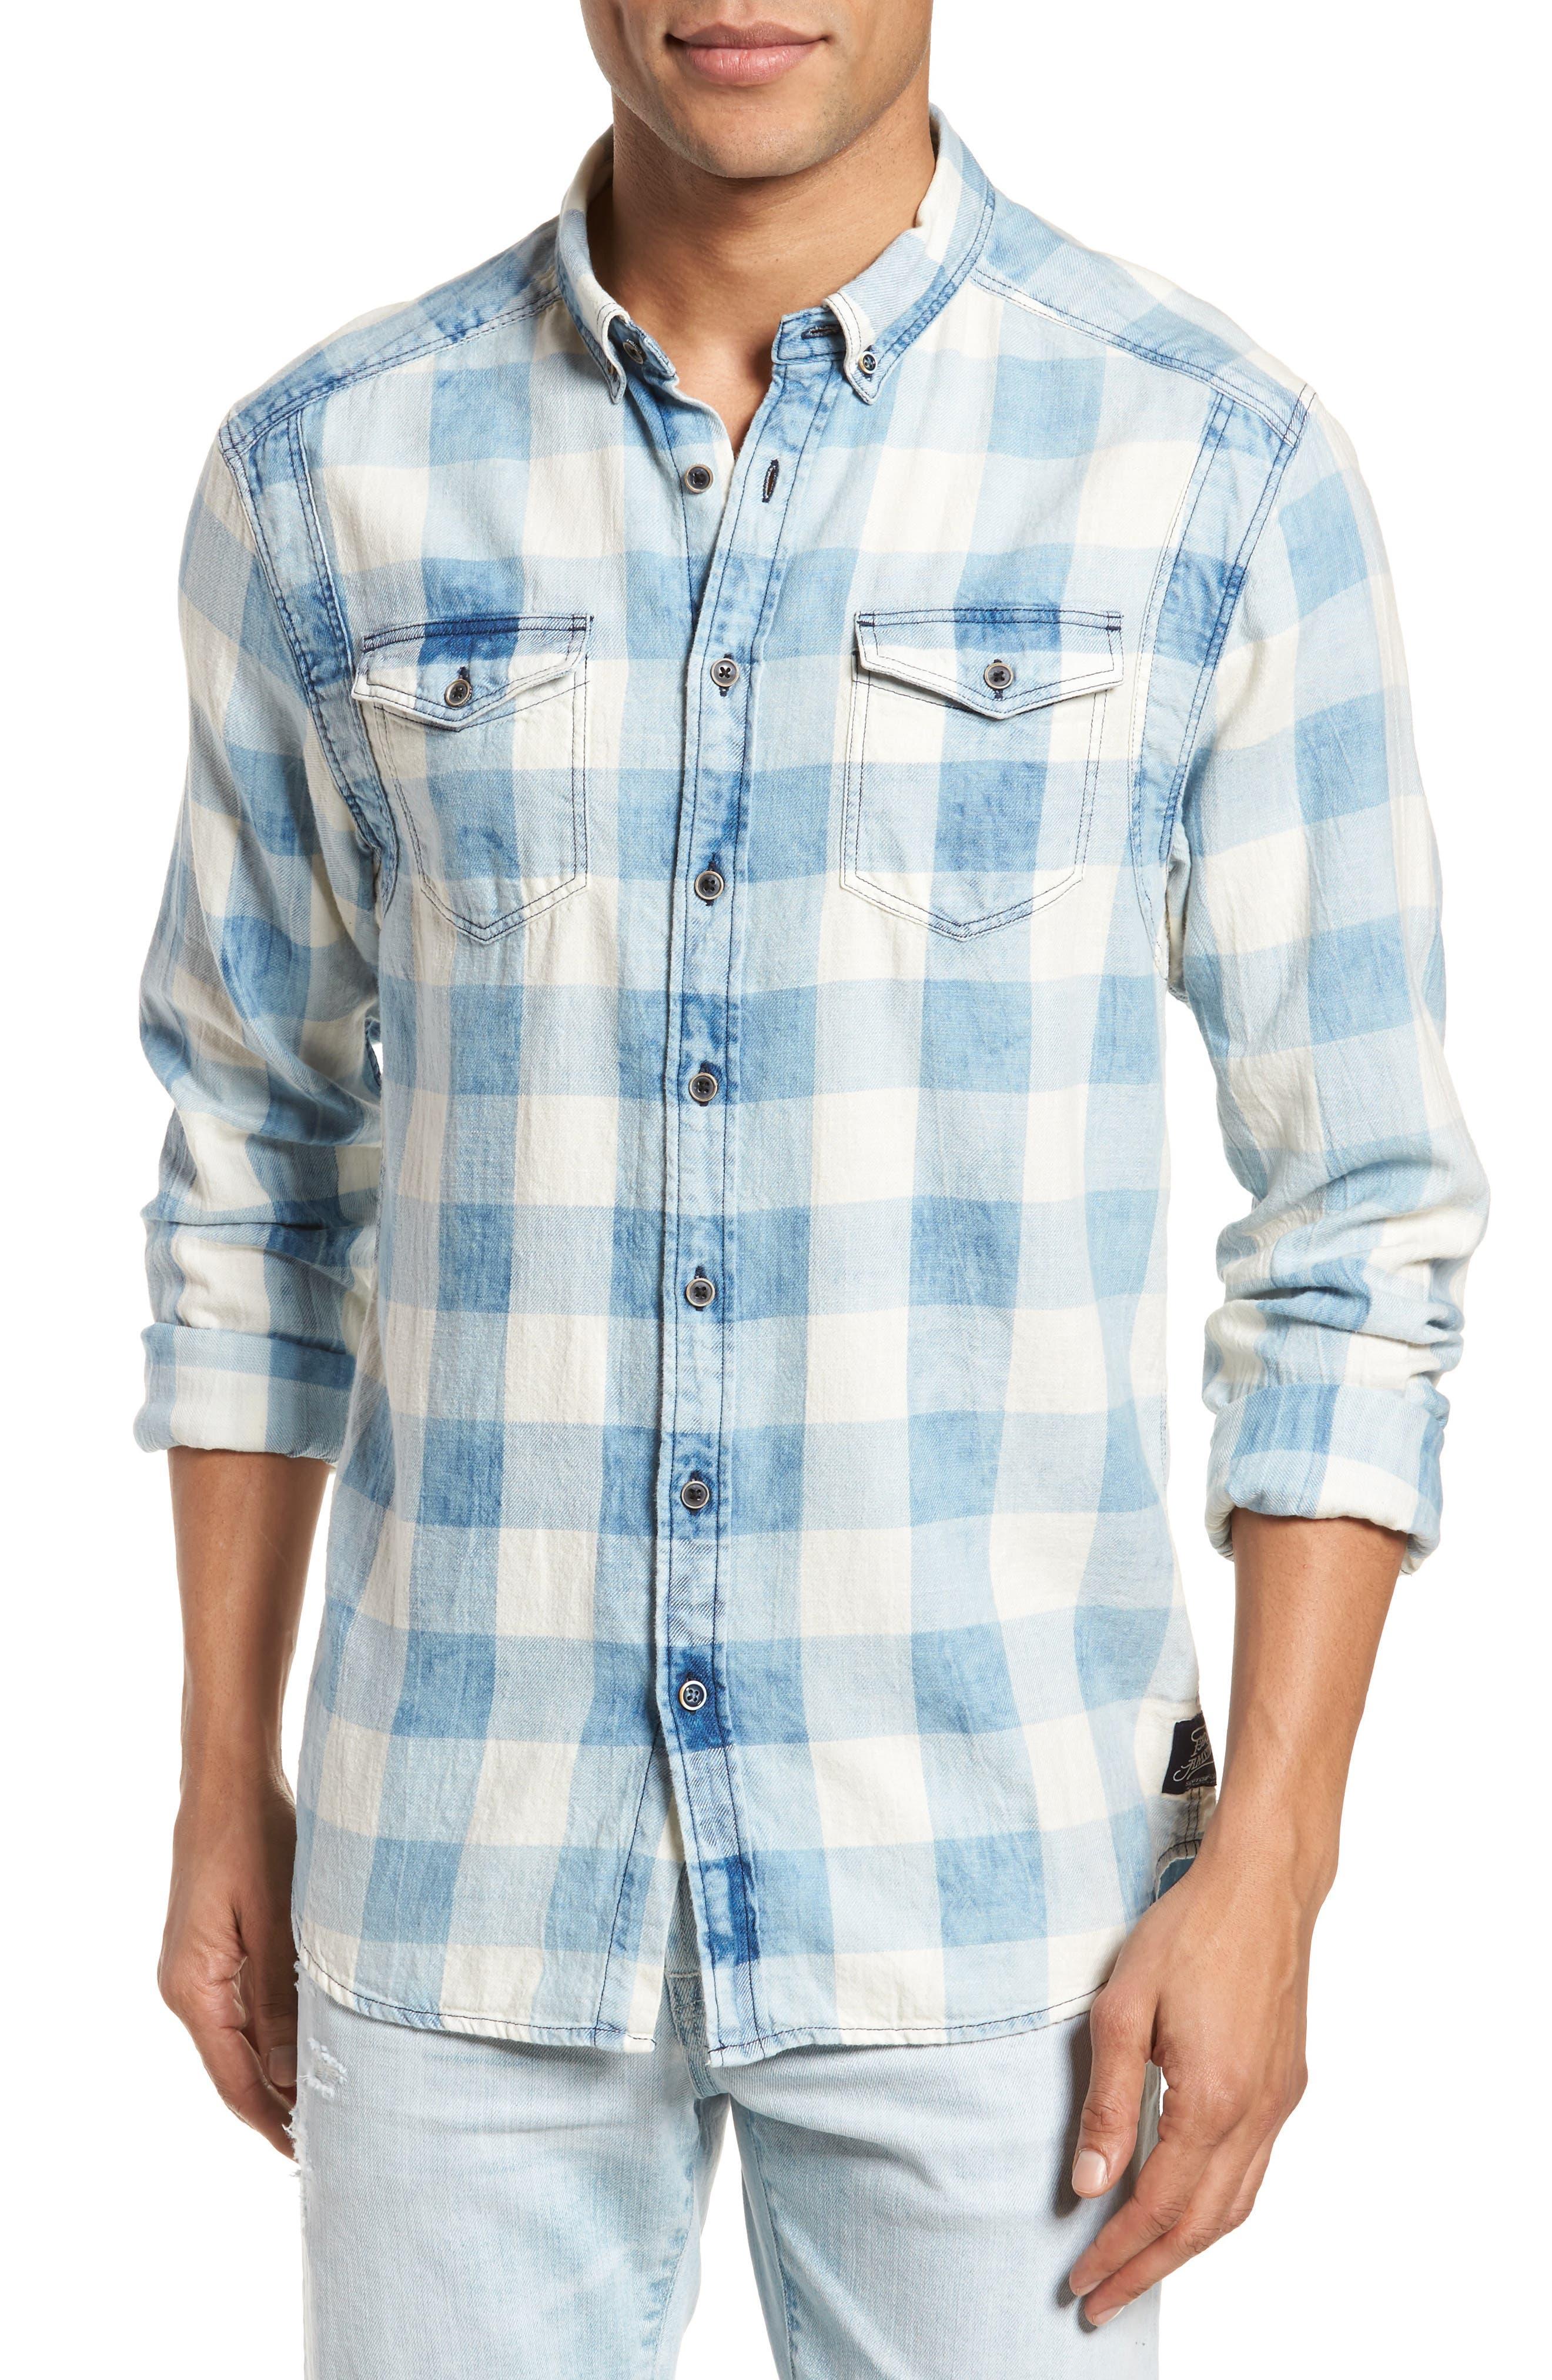 Amsterdams Blauw Check Shirt,                             Main thumbnail 1, color,                             Combo A